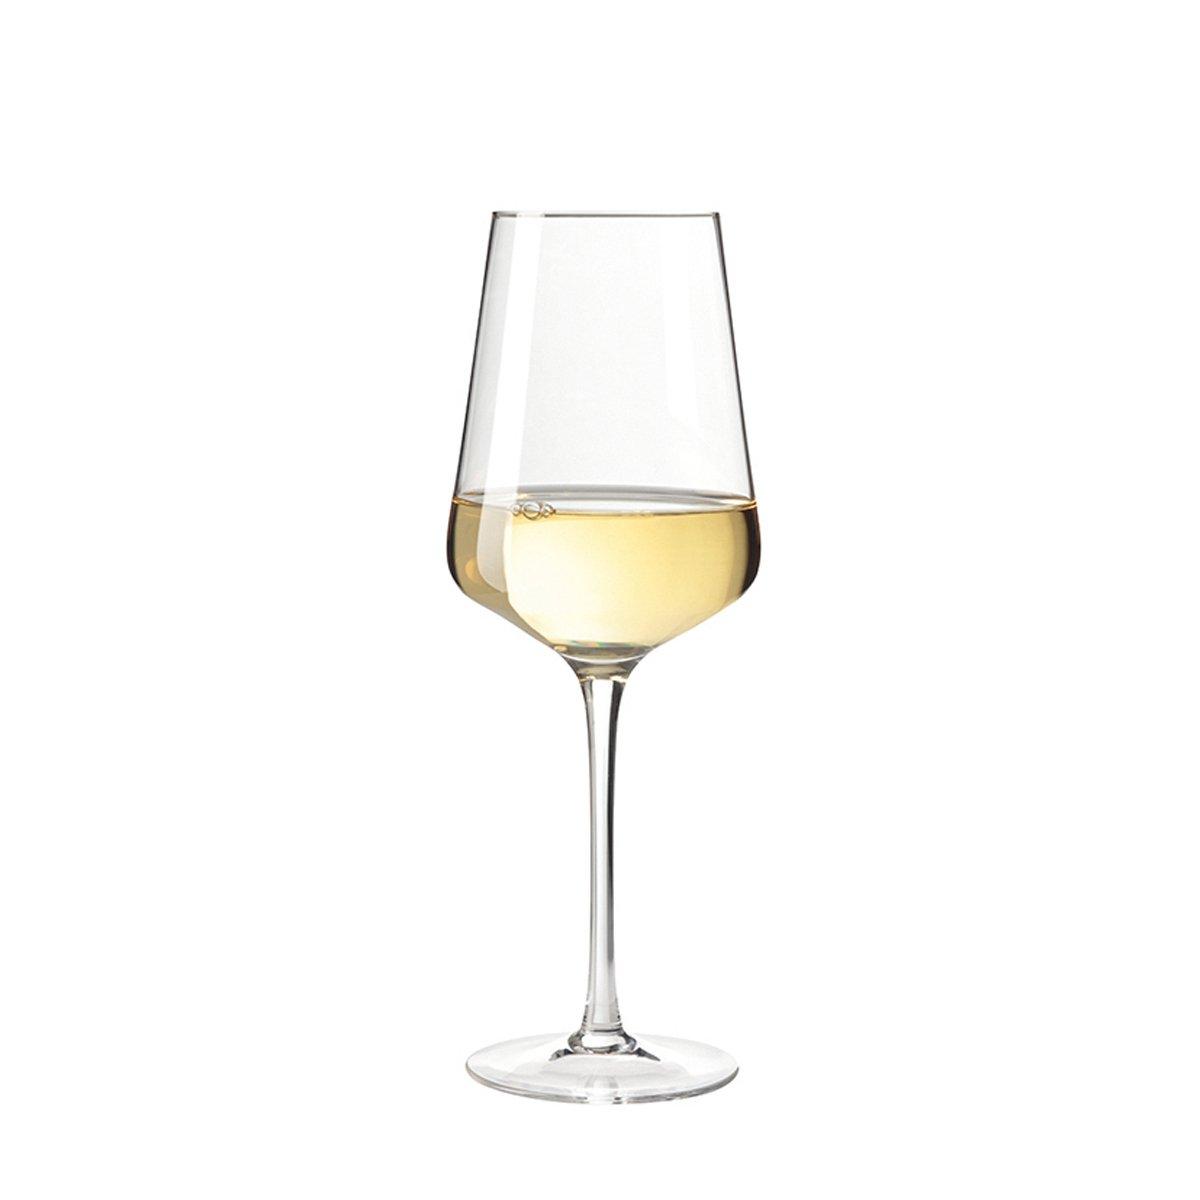 Weingläser Test 2017: Die besten Weingläser im Vergleich